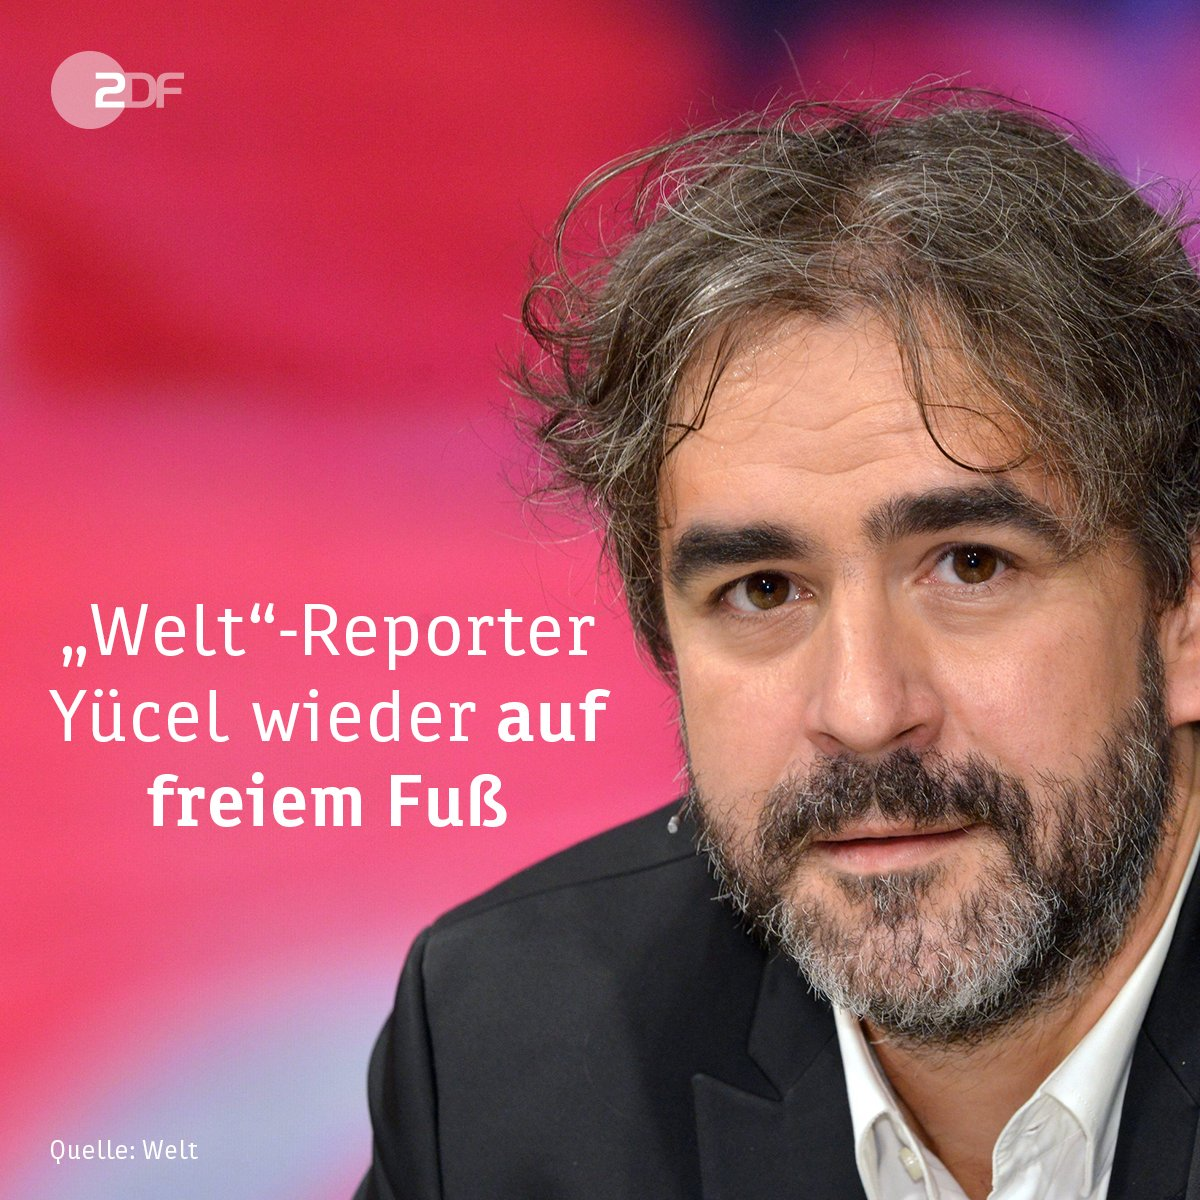 EIL ++++ Der in der Türkei festgehaltene Welt Reporter #DenizYuecel ist nach Angaben der Zeitung wieder frei.